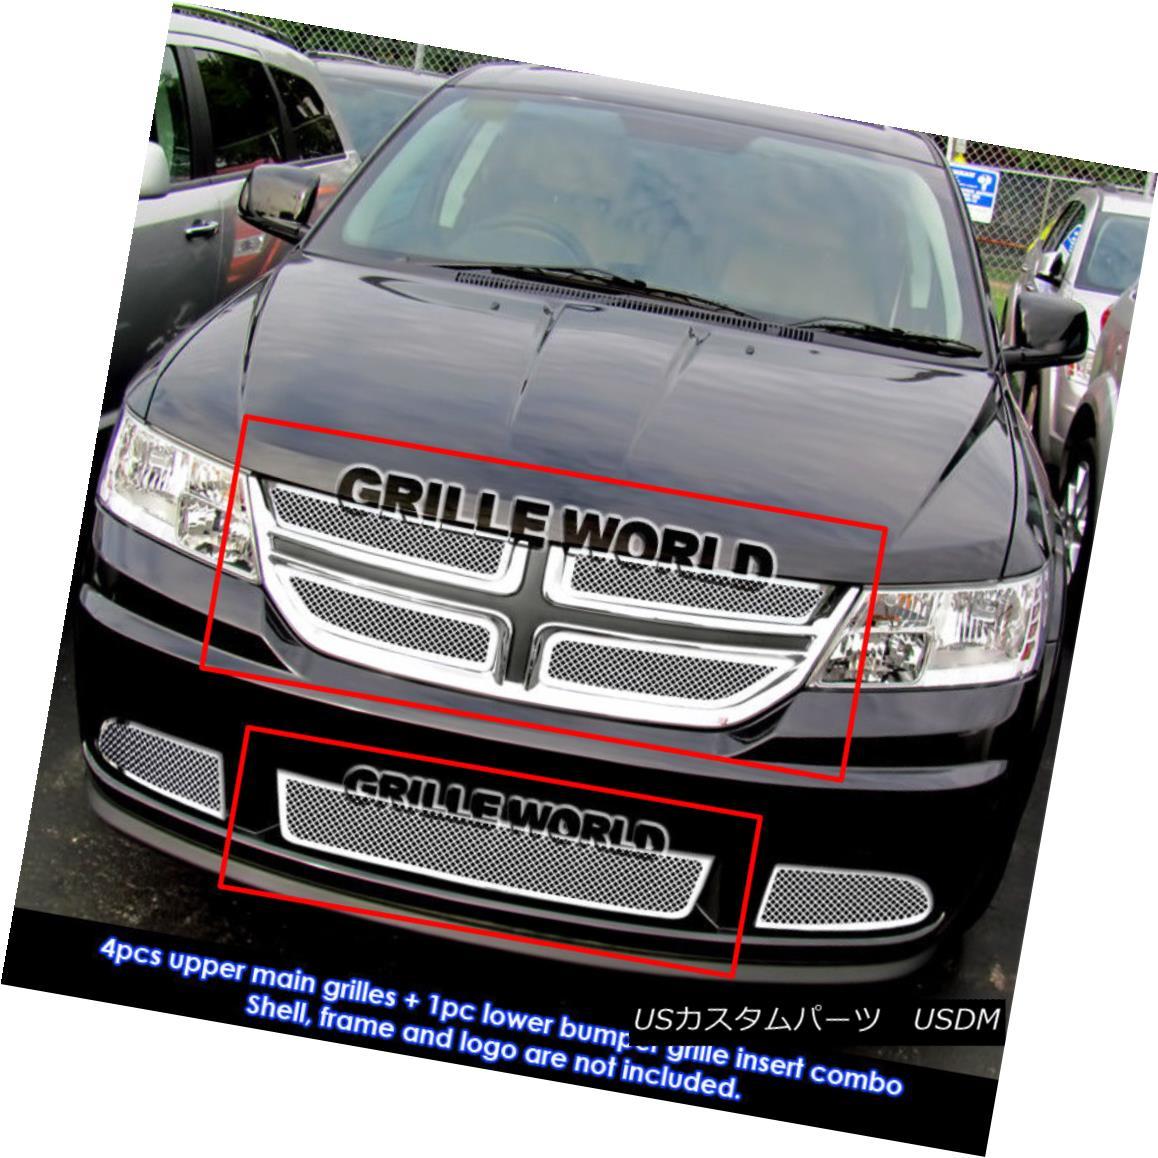 グリル For 2011-2012 Dodge Journey Stainless Steel Mesh Grille Insert Combo 2011-2012ダッジジャーニーステンレスメッシュグリルインサートコンボ用